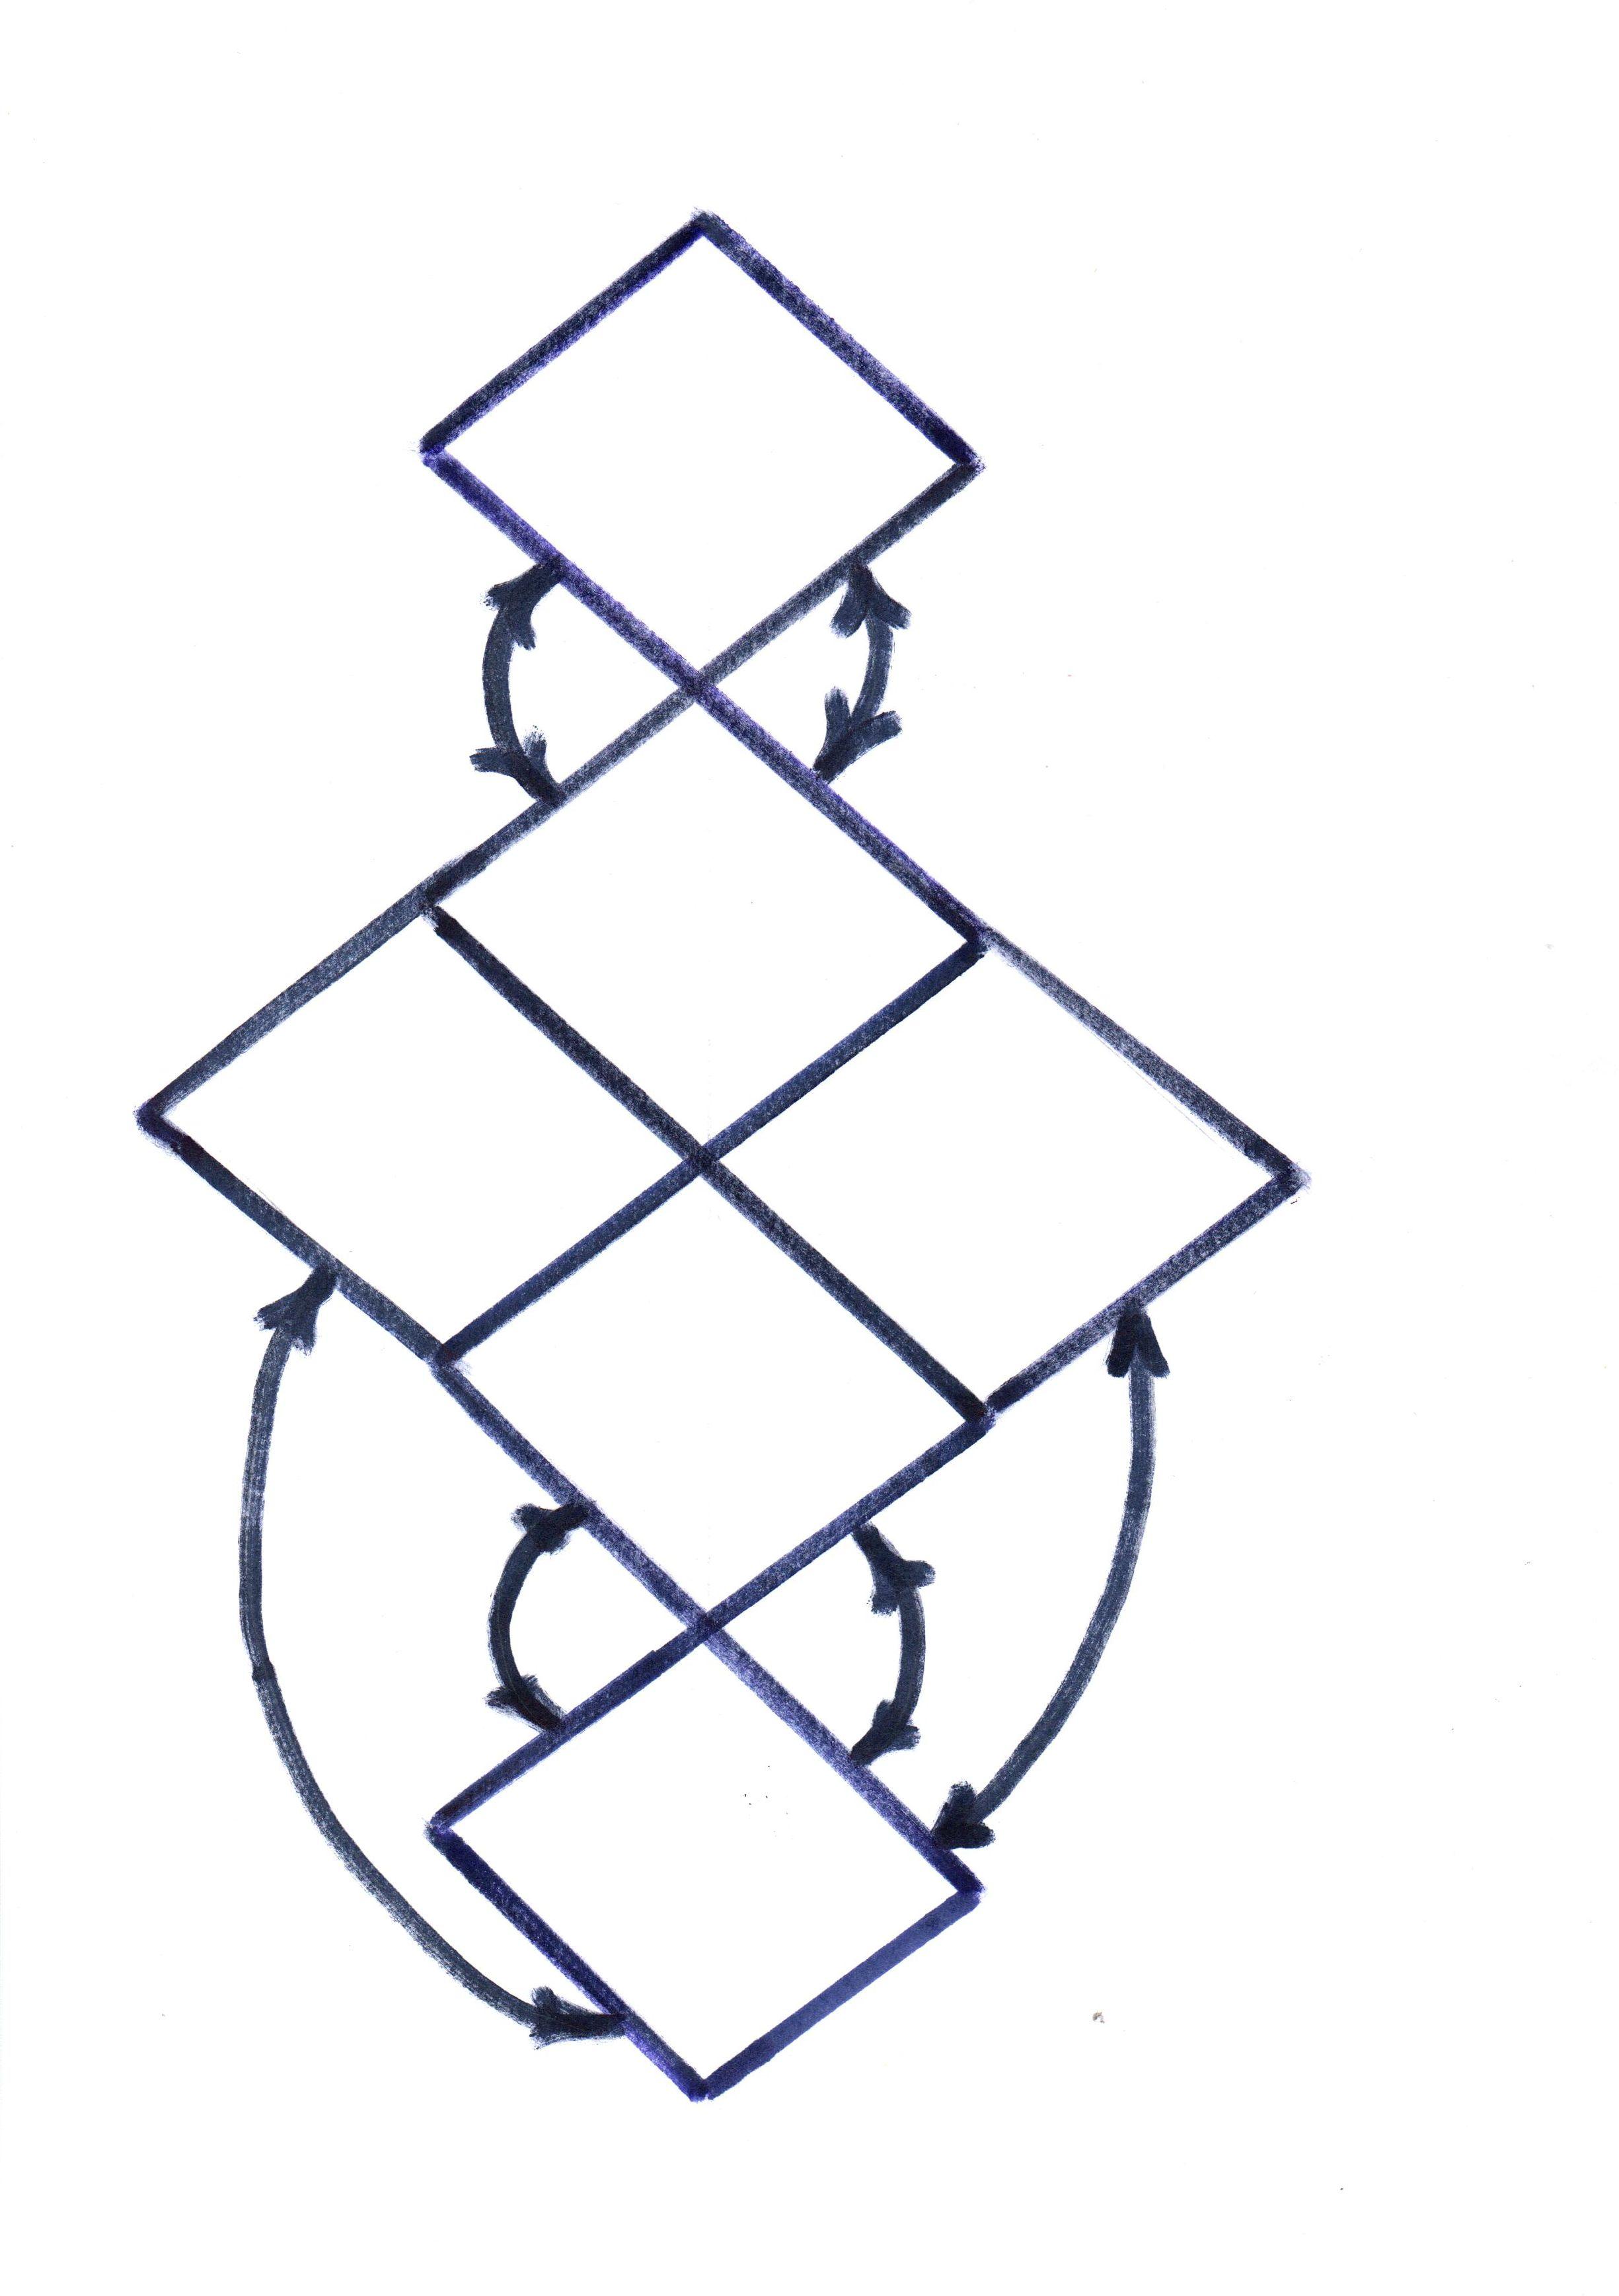 тапочки из бабушкиных квадратов как связать крючком кудапереедем